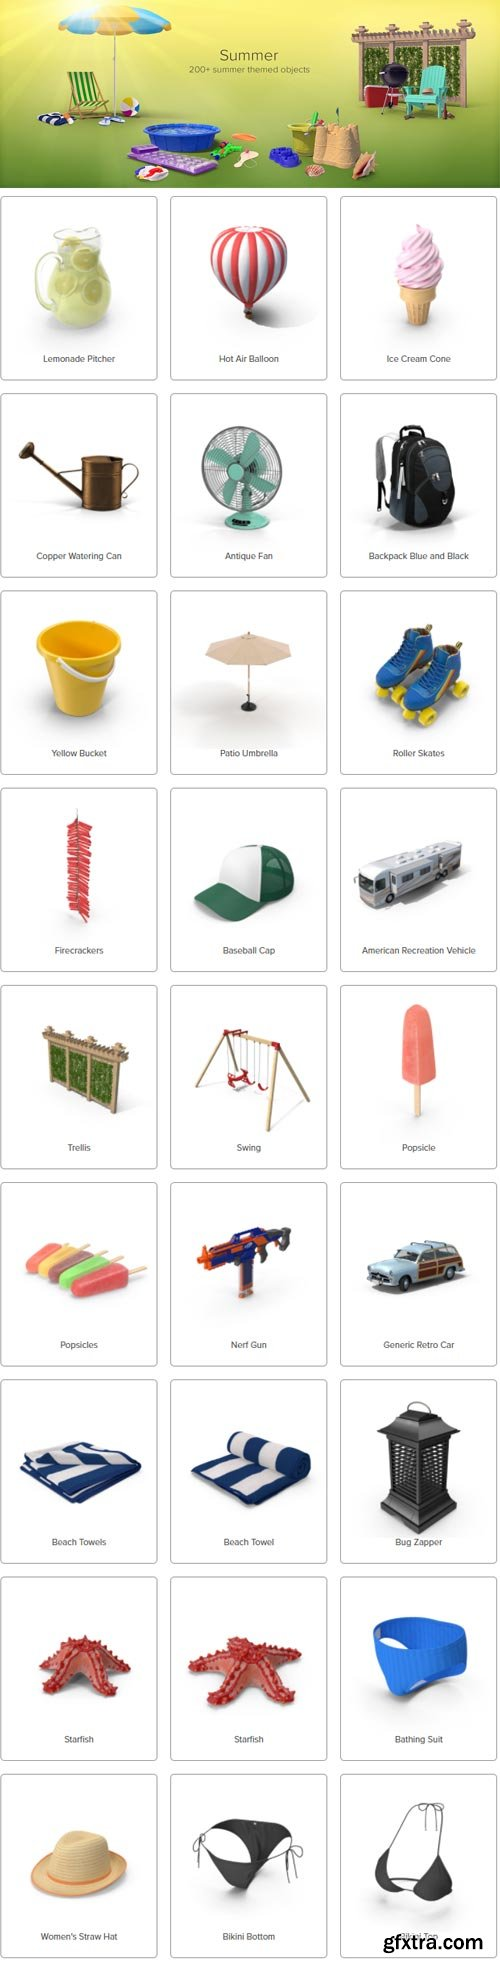 PixelSquid - Summer Collection